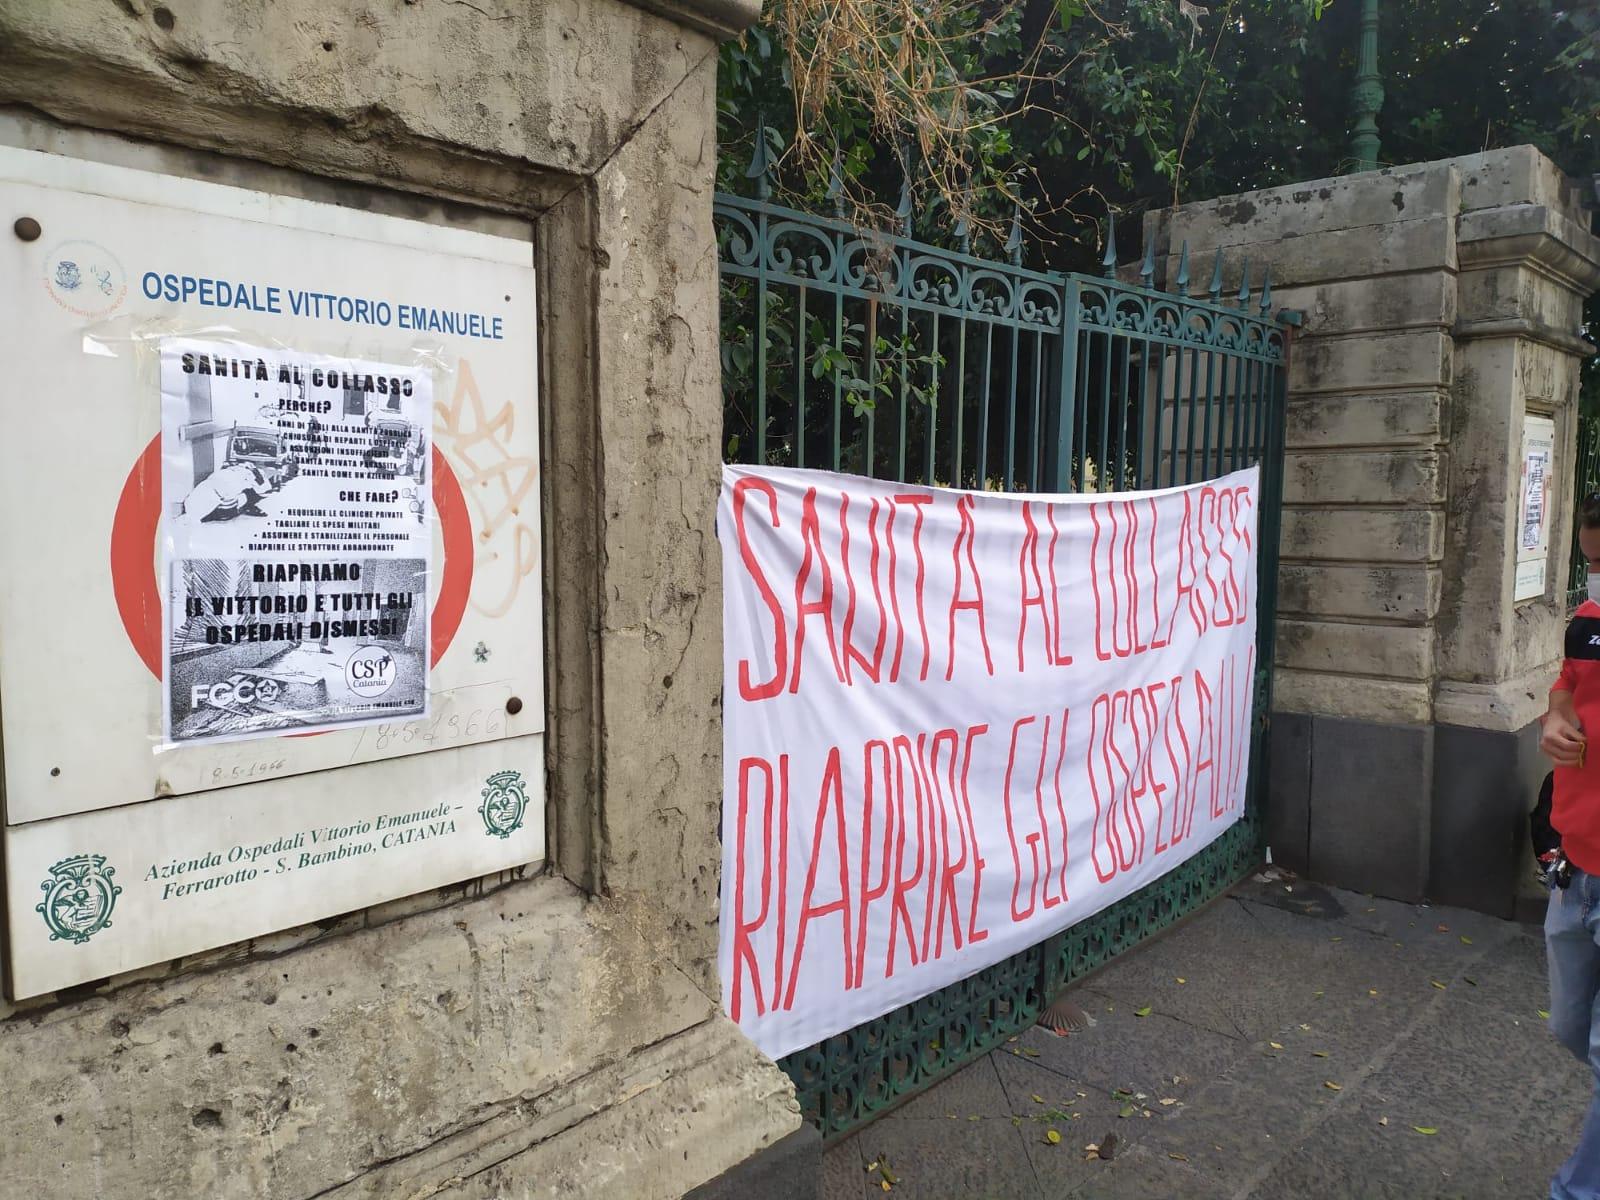 """Coronavirus Catania, protesta davanti al Vittorio Emanuele: """"Sanità al collasso, riapriamo gli ospedali dismessi"""""""